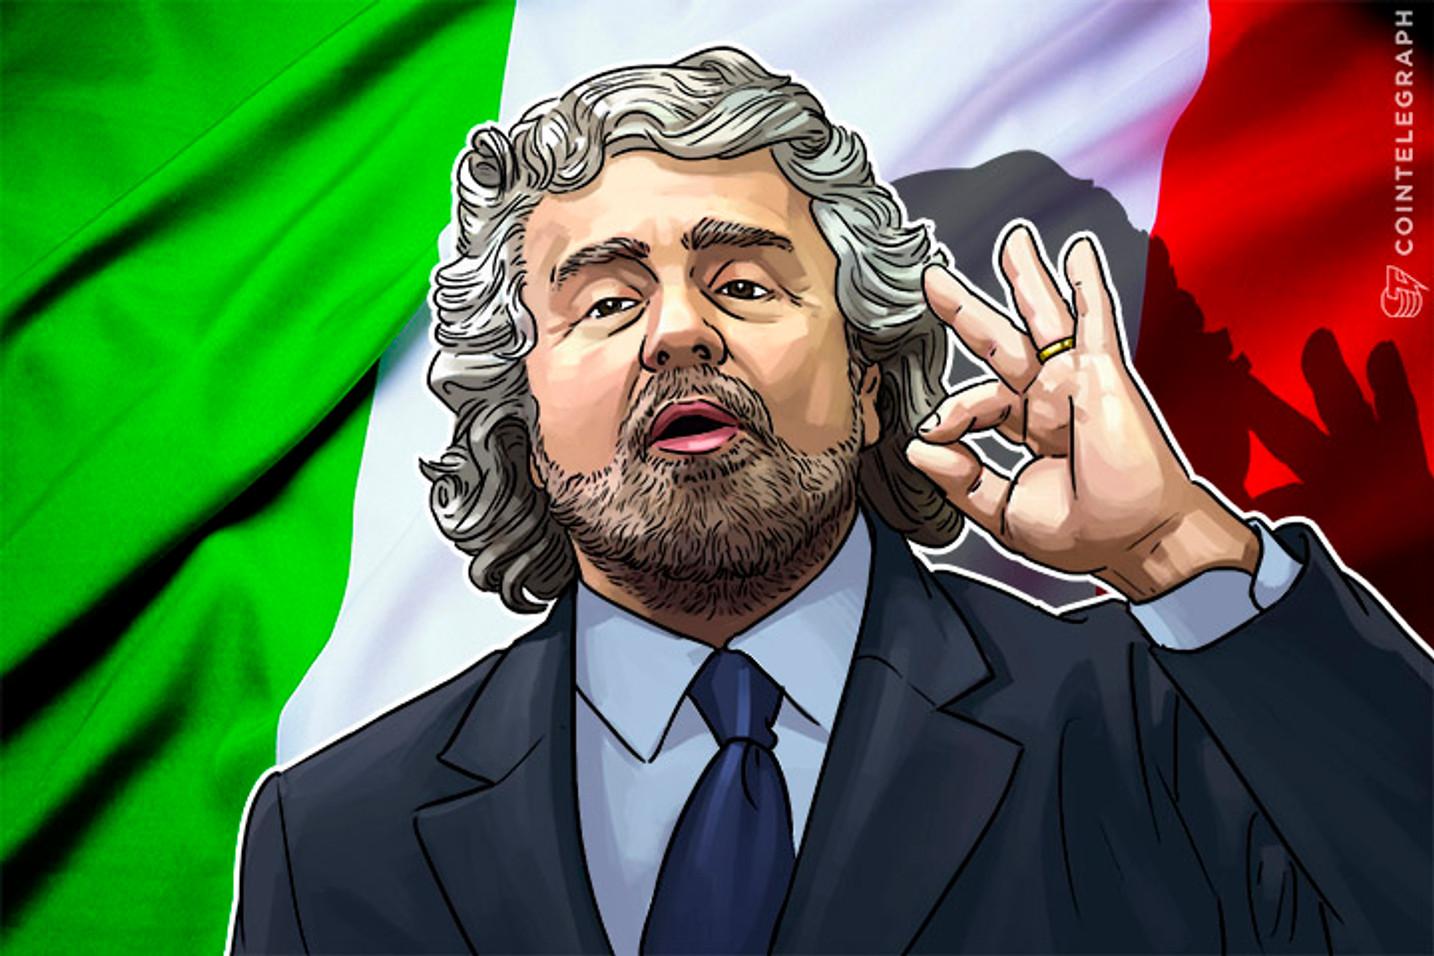 Beppe Grillo's Bitcoin Blockchain: Truth or Joke